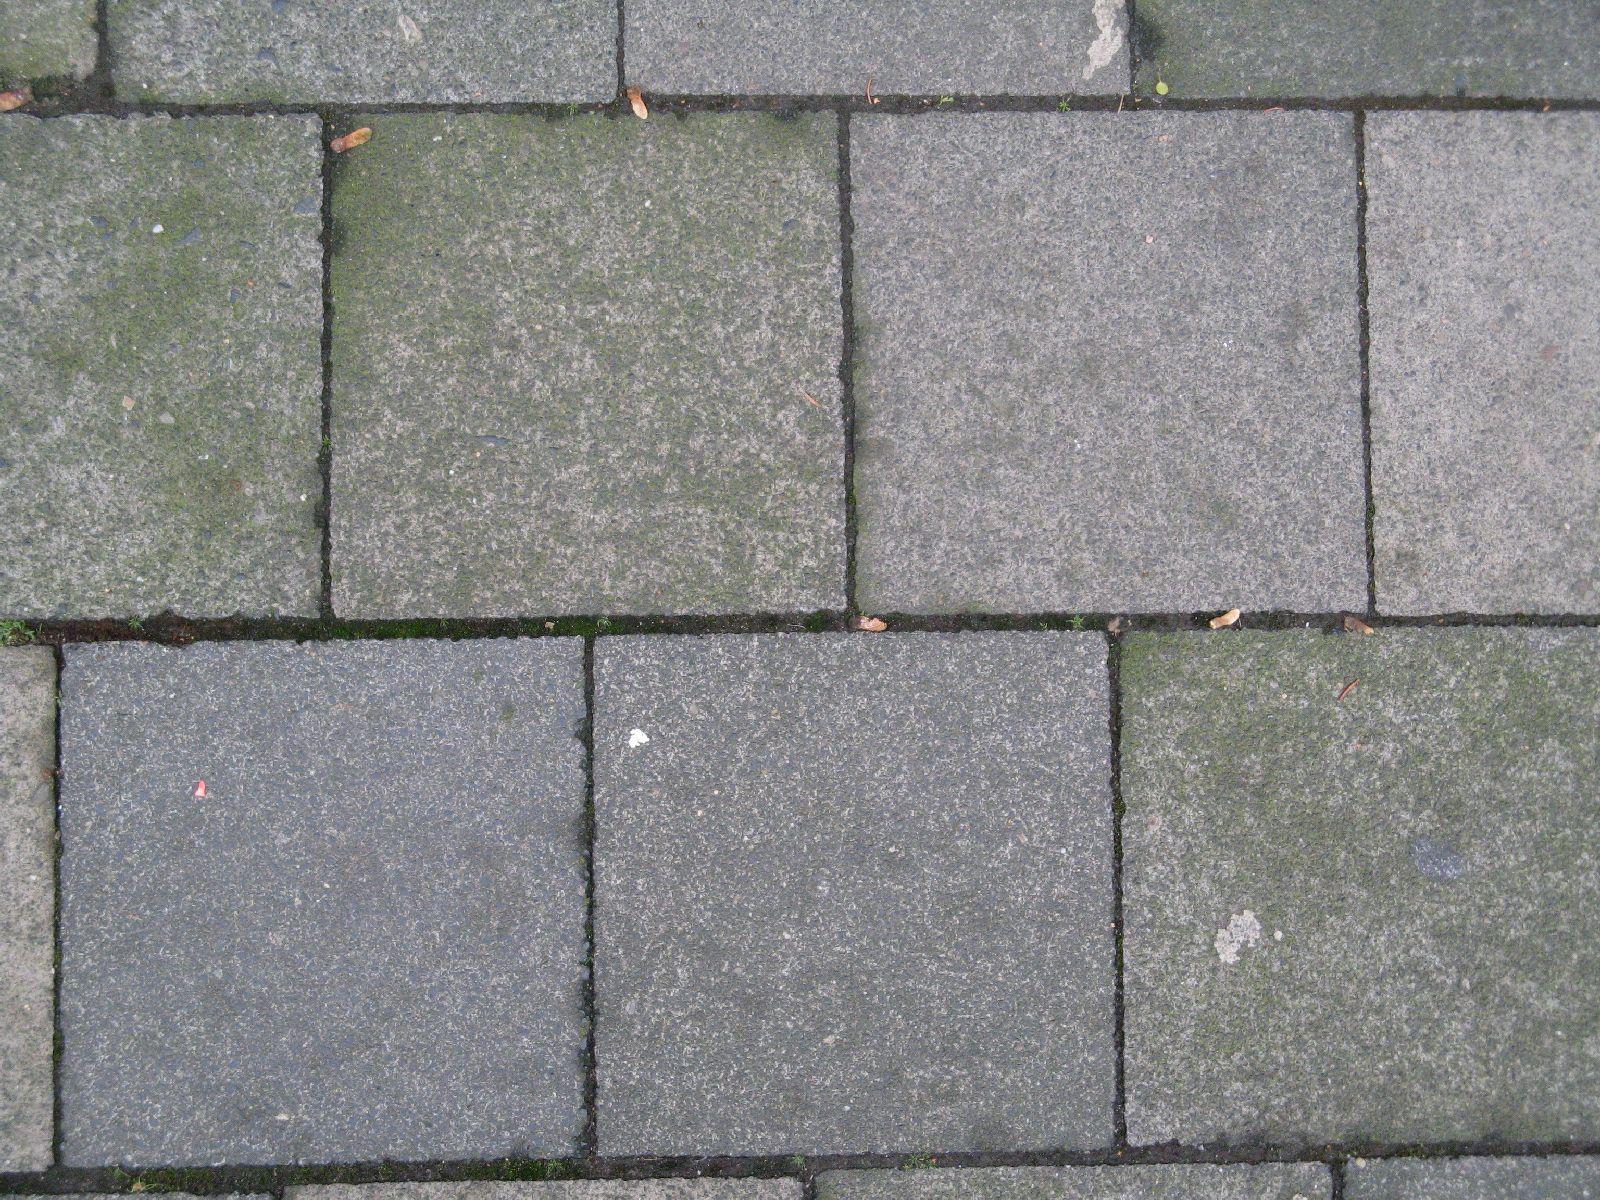 Ground-Urban_Texture_B_01966